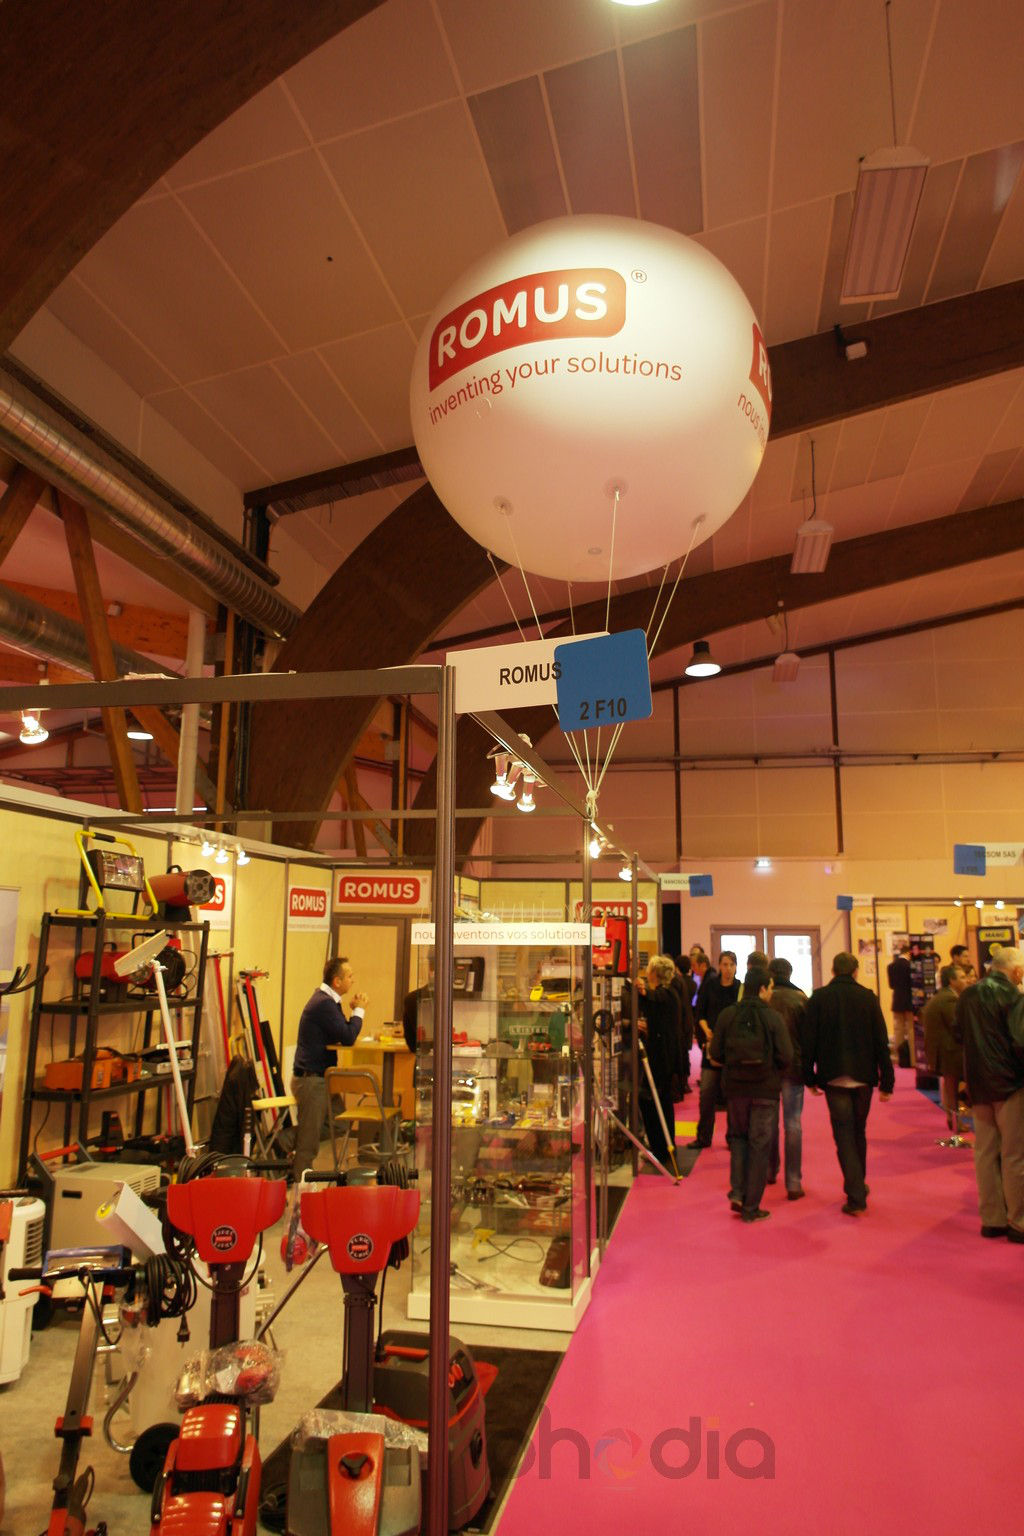 Ballon publicitaire pour ROMUS